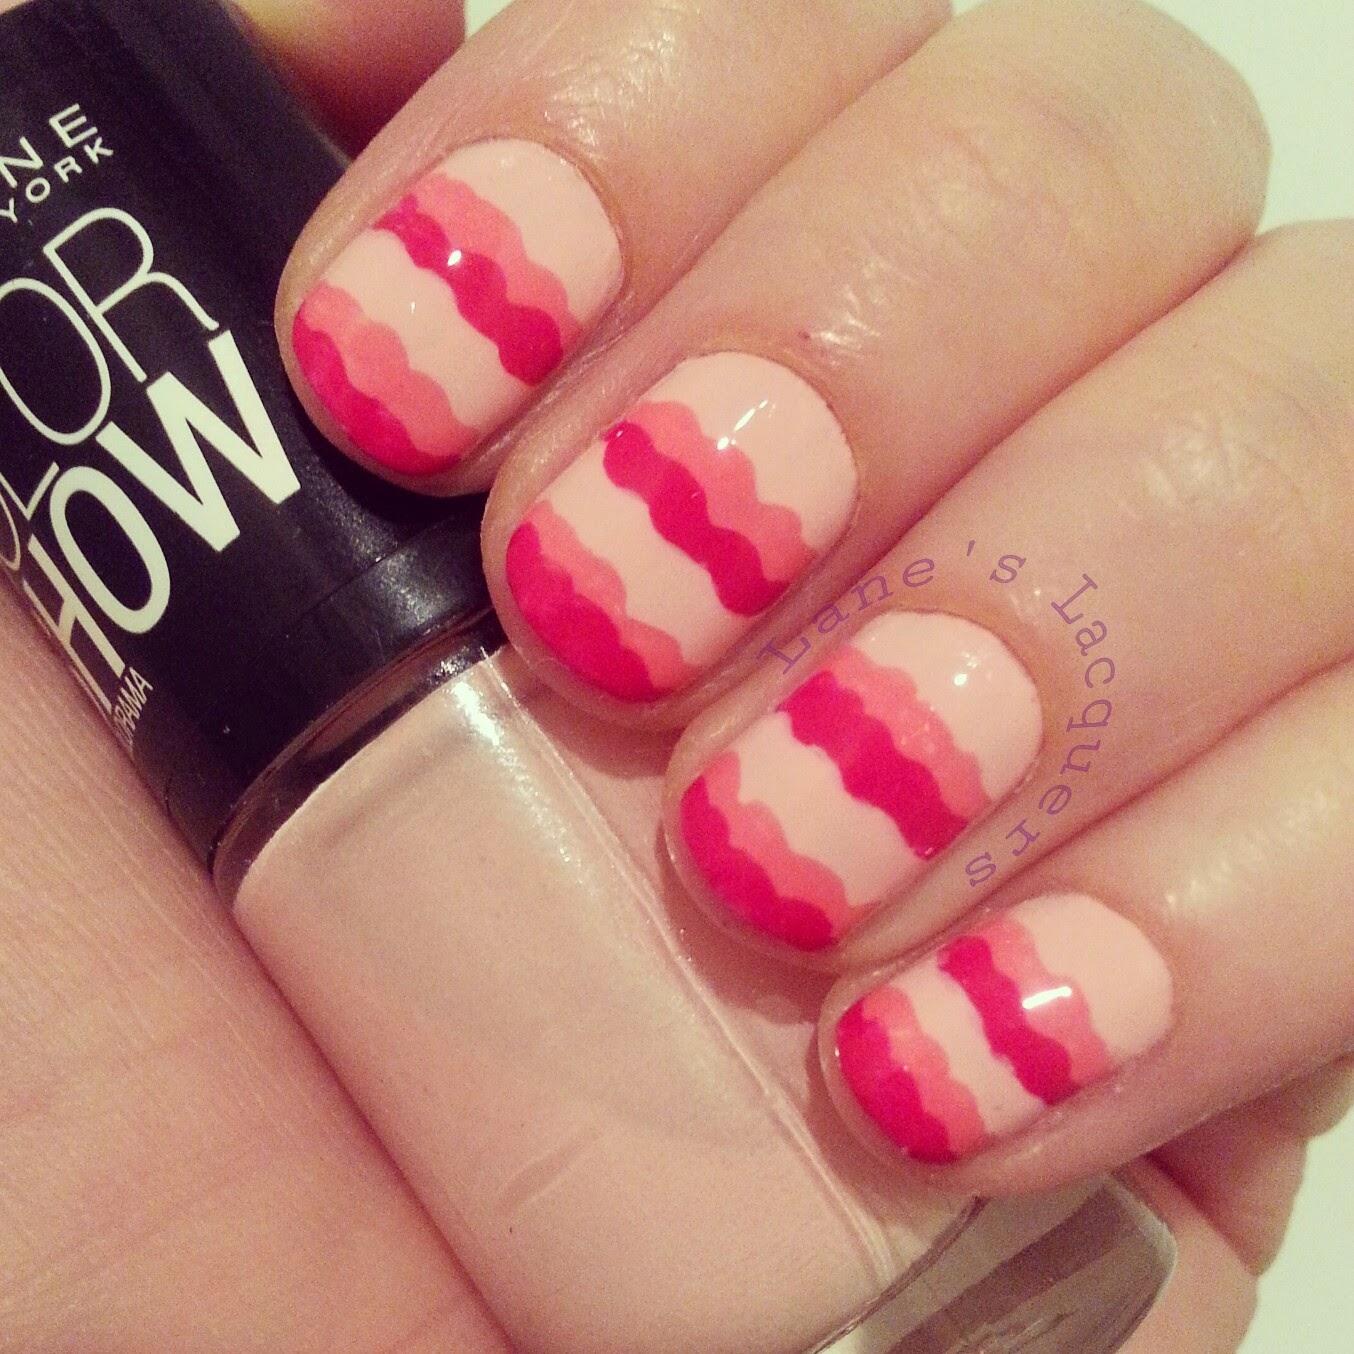 GOT-polish-challenge-pink-ruffle-nail-art